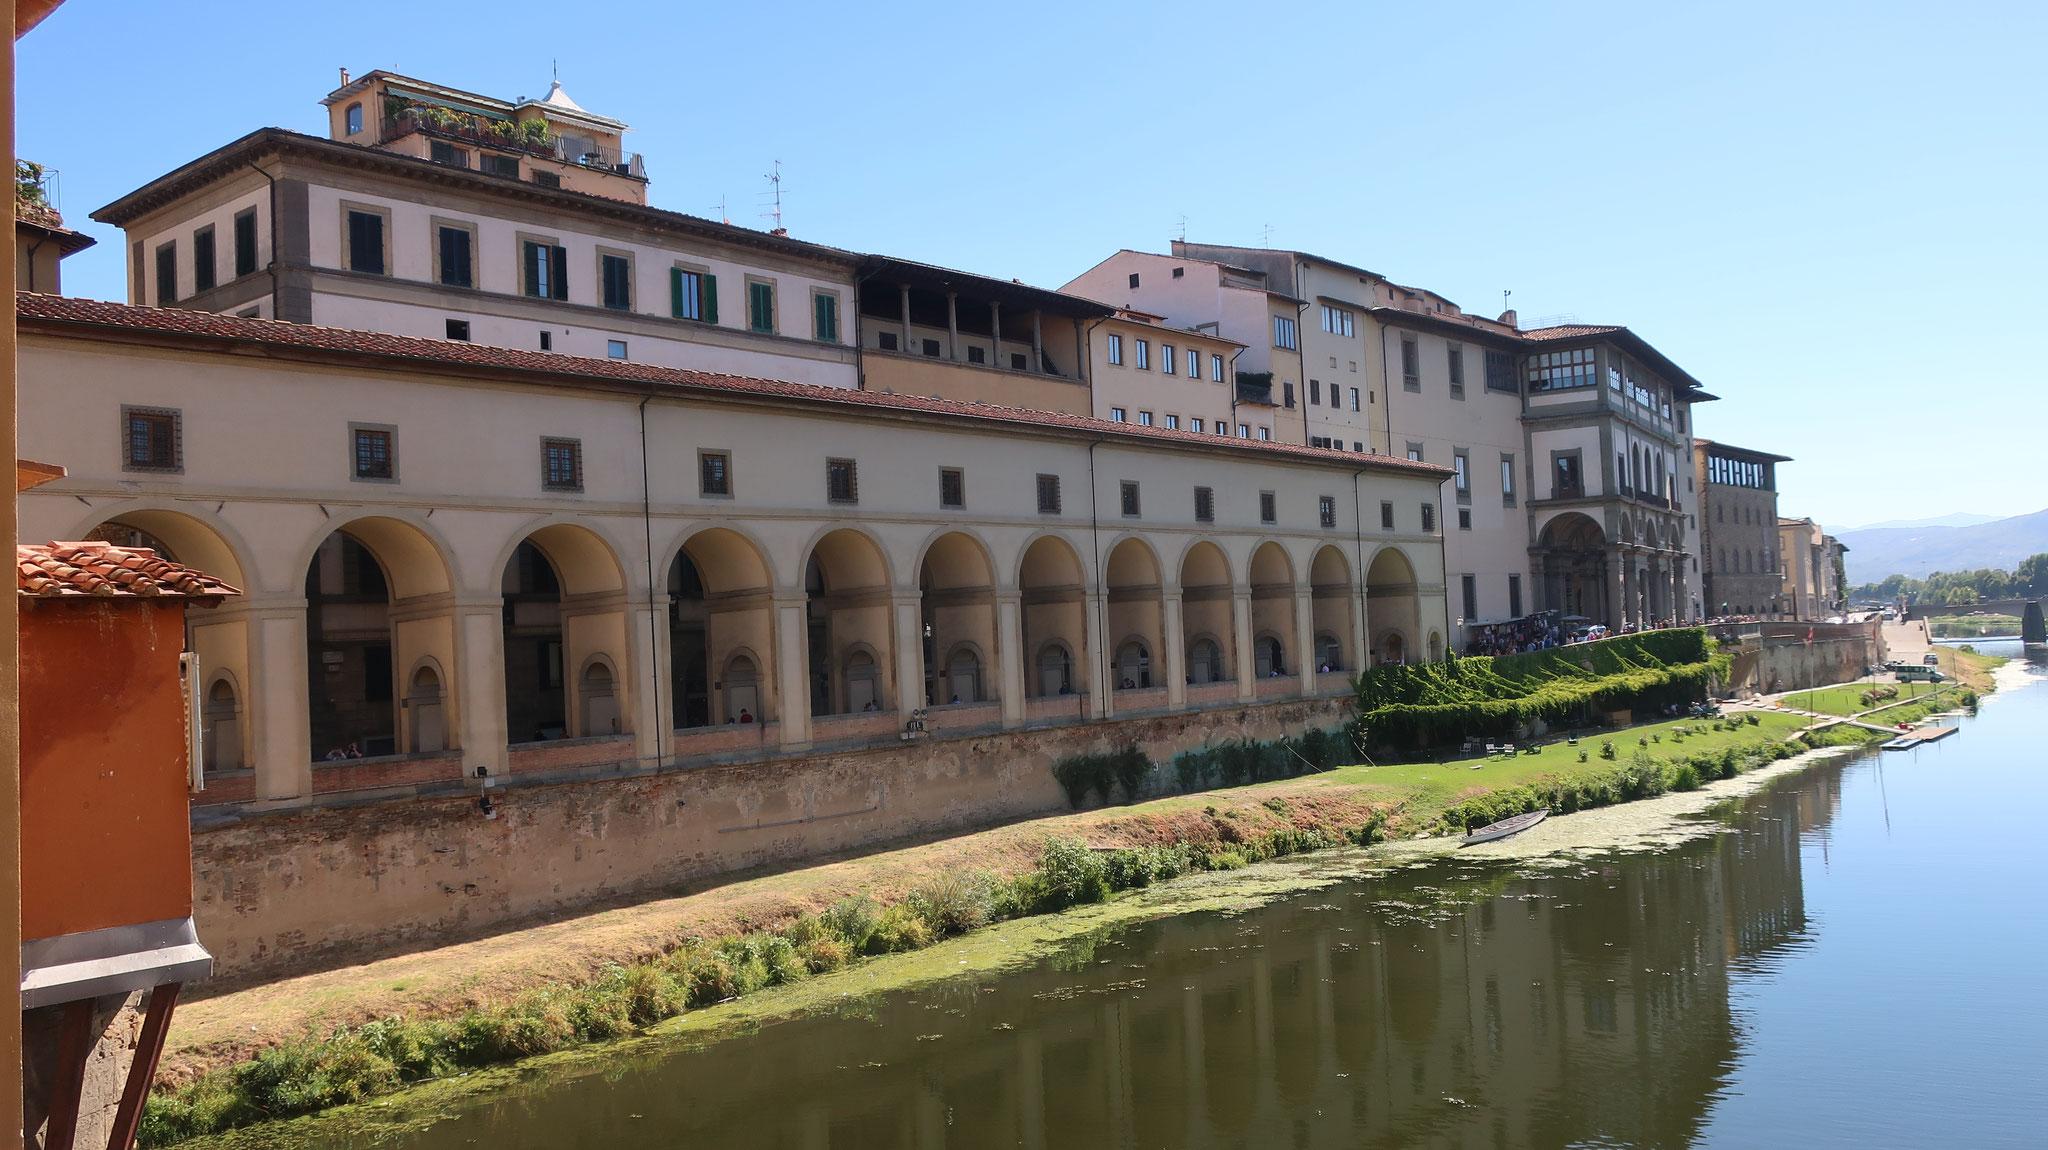 ヴェッキオ橋からヴァザーリの回廊を望みます。